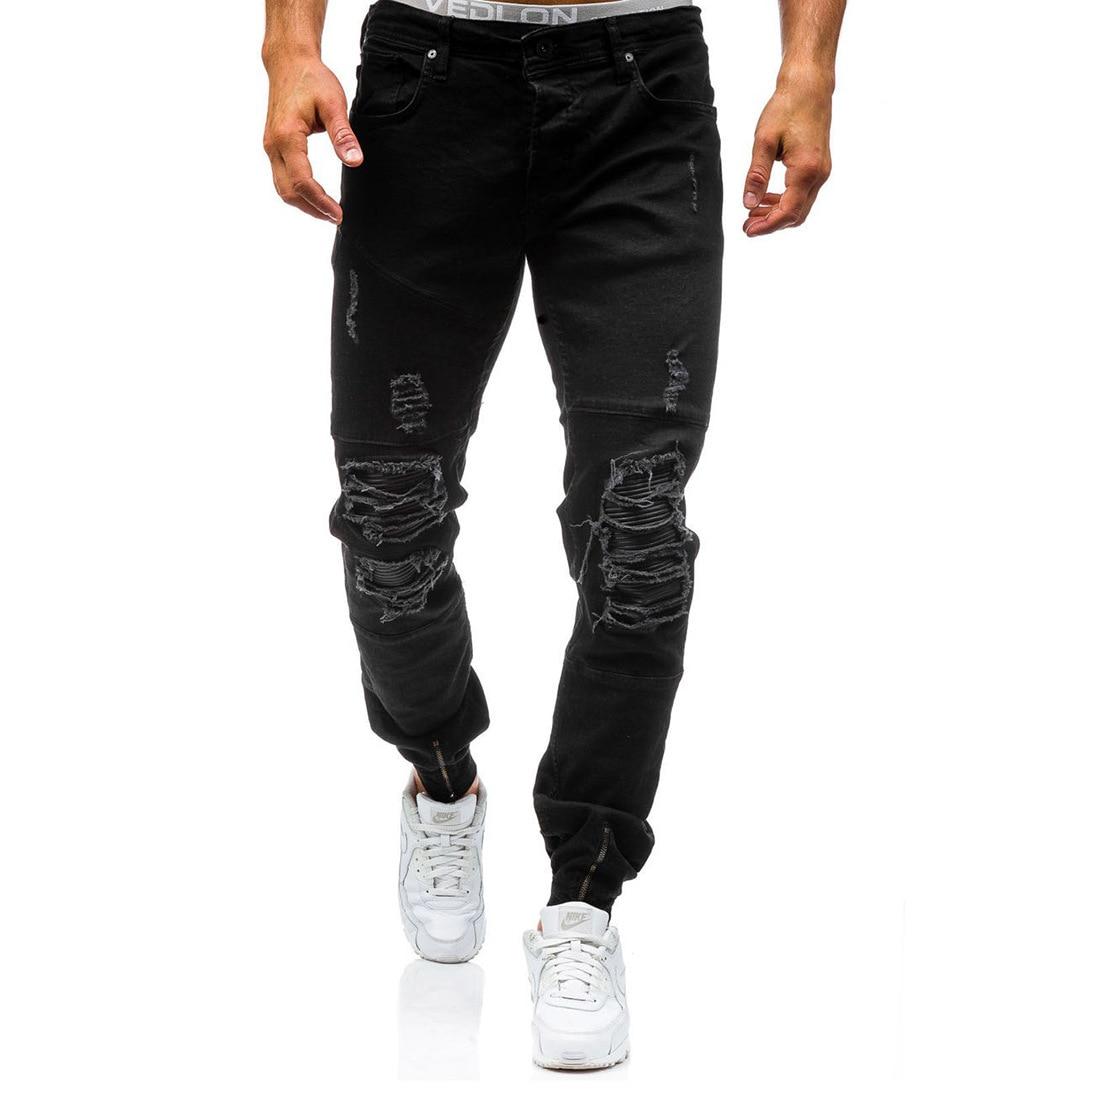 2017 Männer Marke Designer Denim Jenas Männer Klassische Stilvolle Distressed Gerade Bein Jeans Denim Hosen Hosen Hip Hop Biker Mann Sparen Sie 50-70%